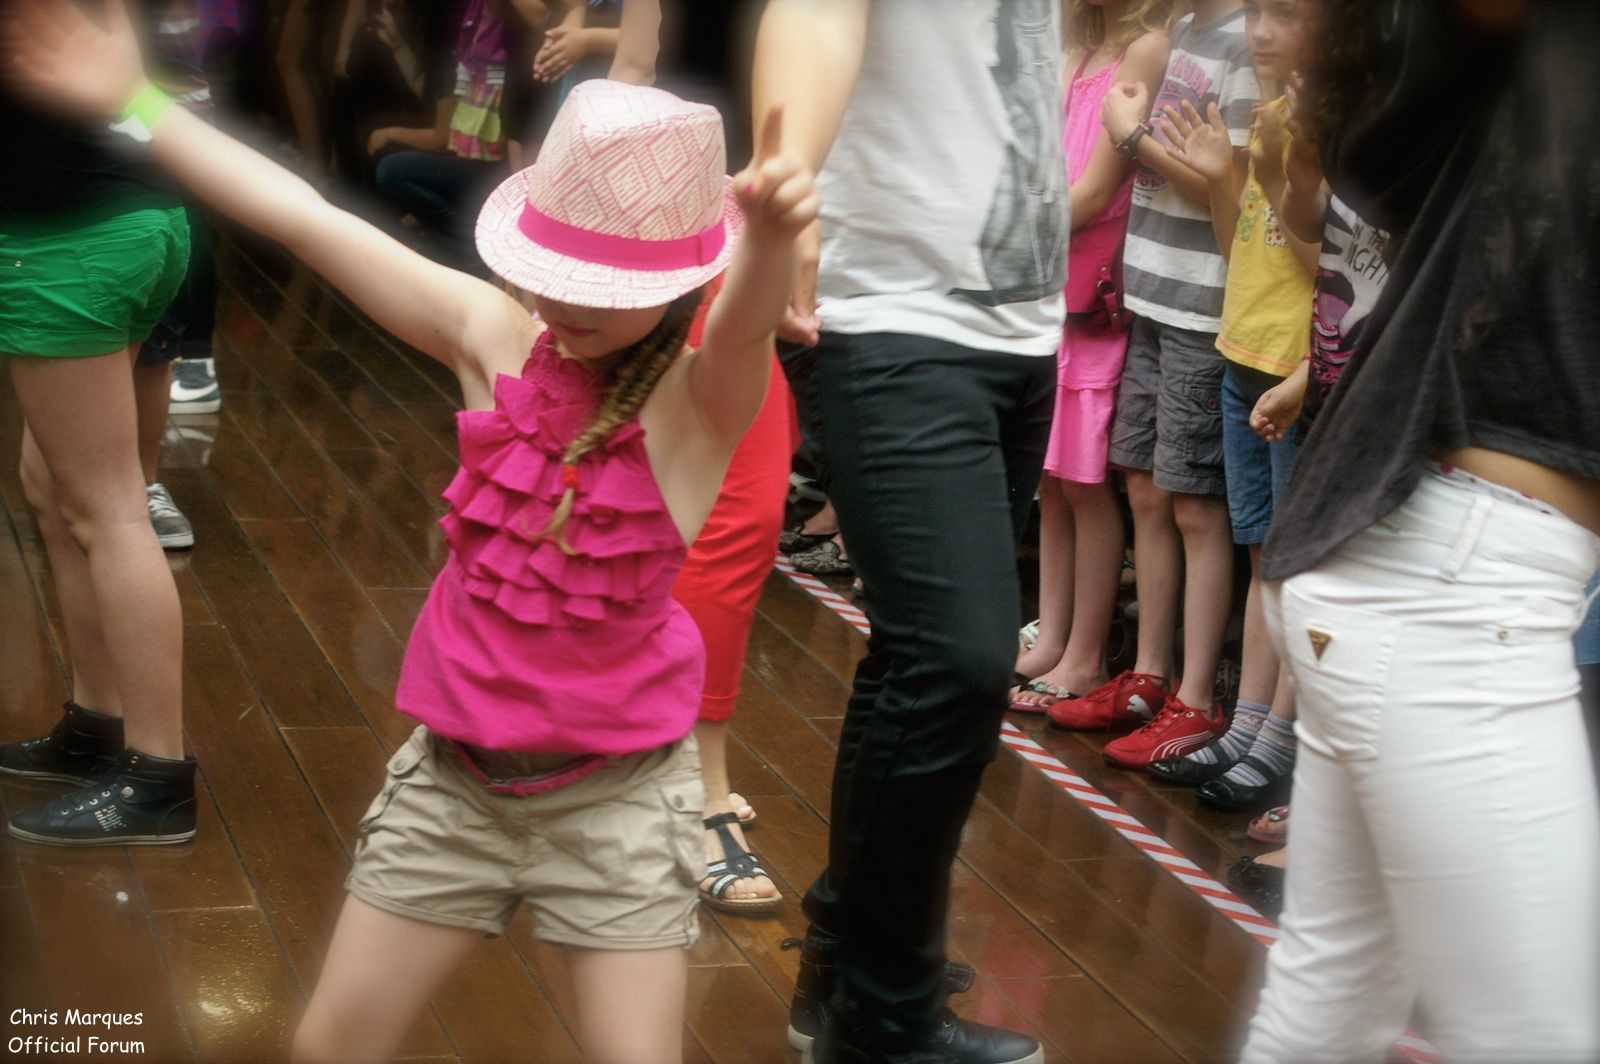 [14.06.2014] Evénement à #Colmar Chris Marques et Jaclyn Spencer pour un Flashmob/Cours de Danse/Dédicaces exceptionnels le tout organisé par la MJC de Colmar 312